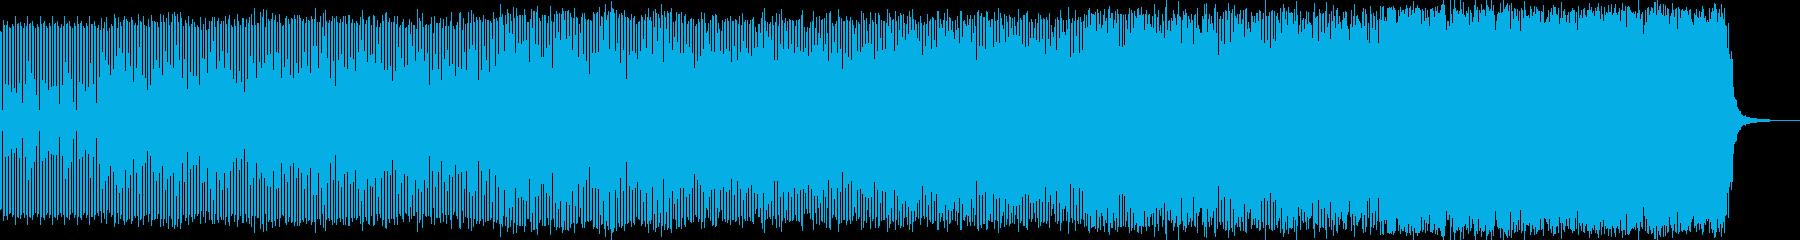 わくわくエレクトロニカハウスミュージックの再生済みの波形